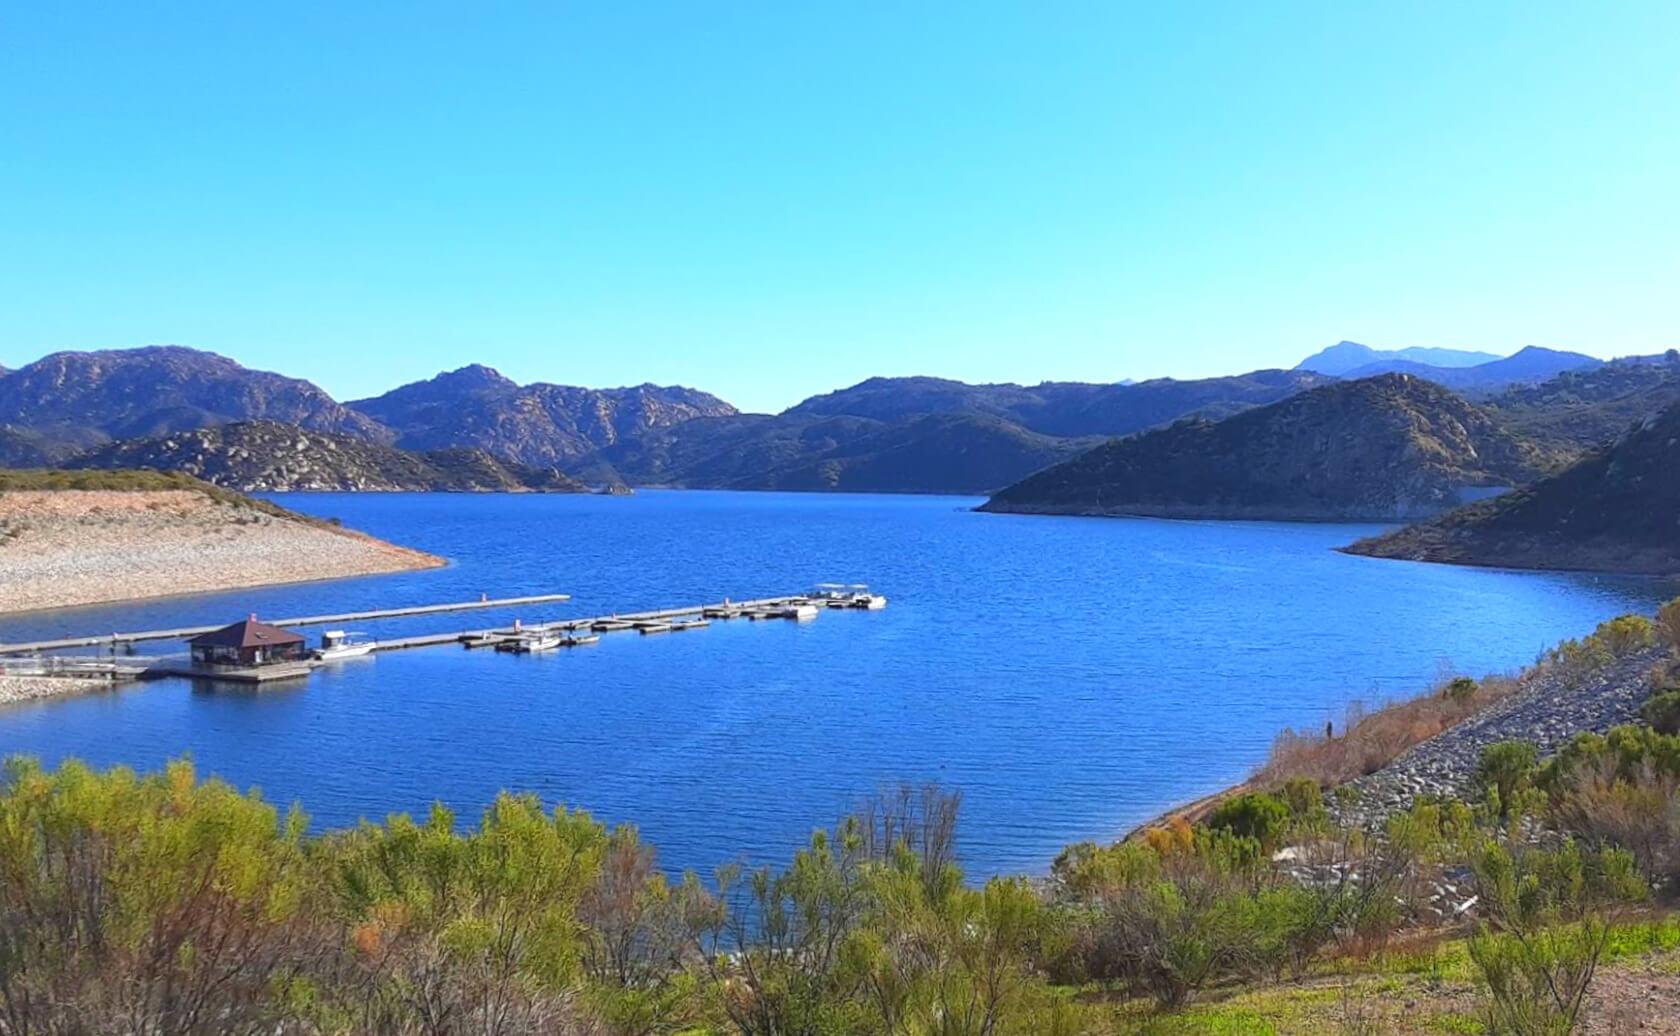 San-Vicente-Lake-Fishing-Guide-Report-California-02